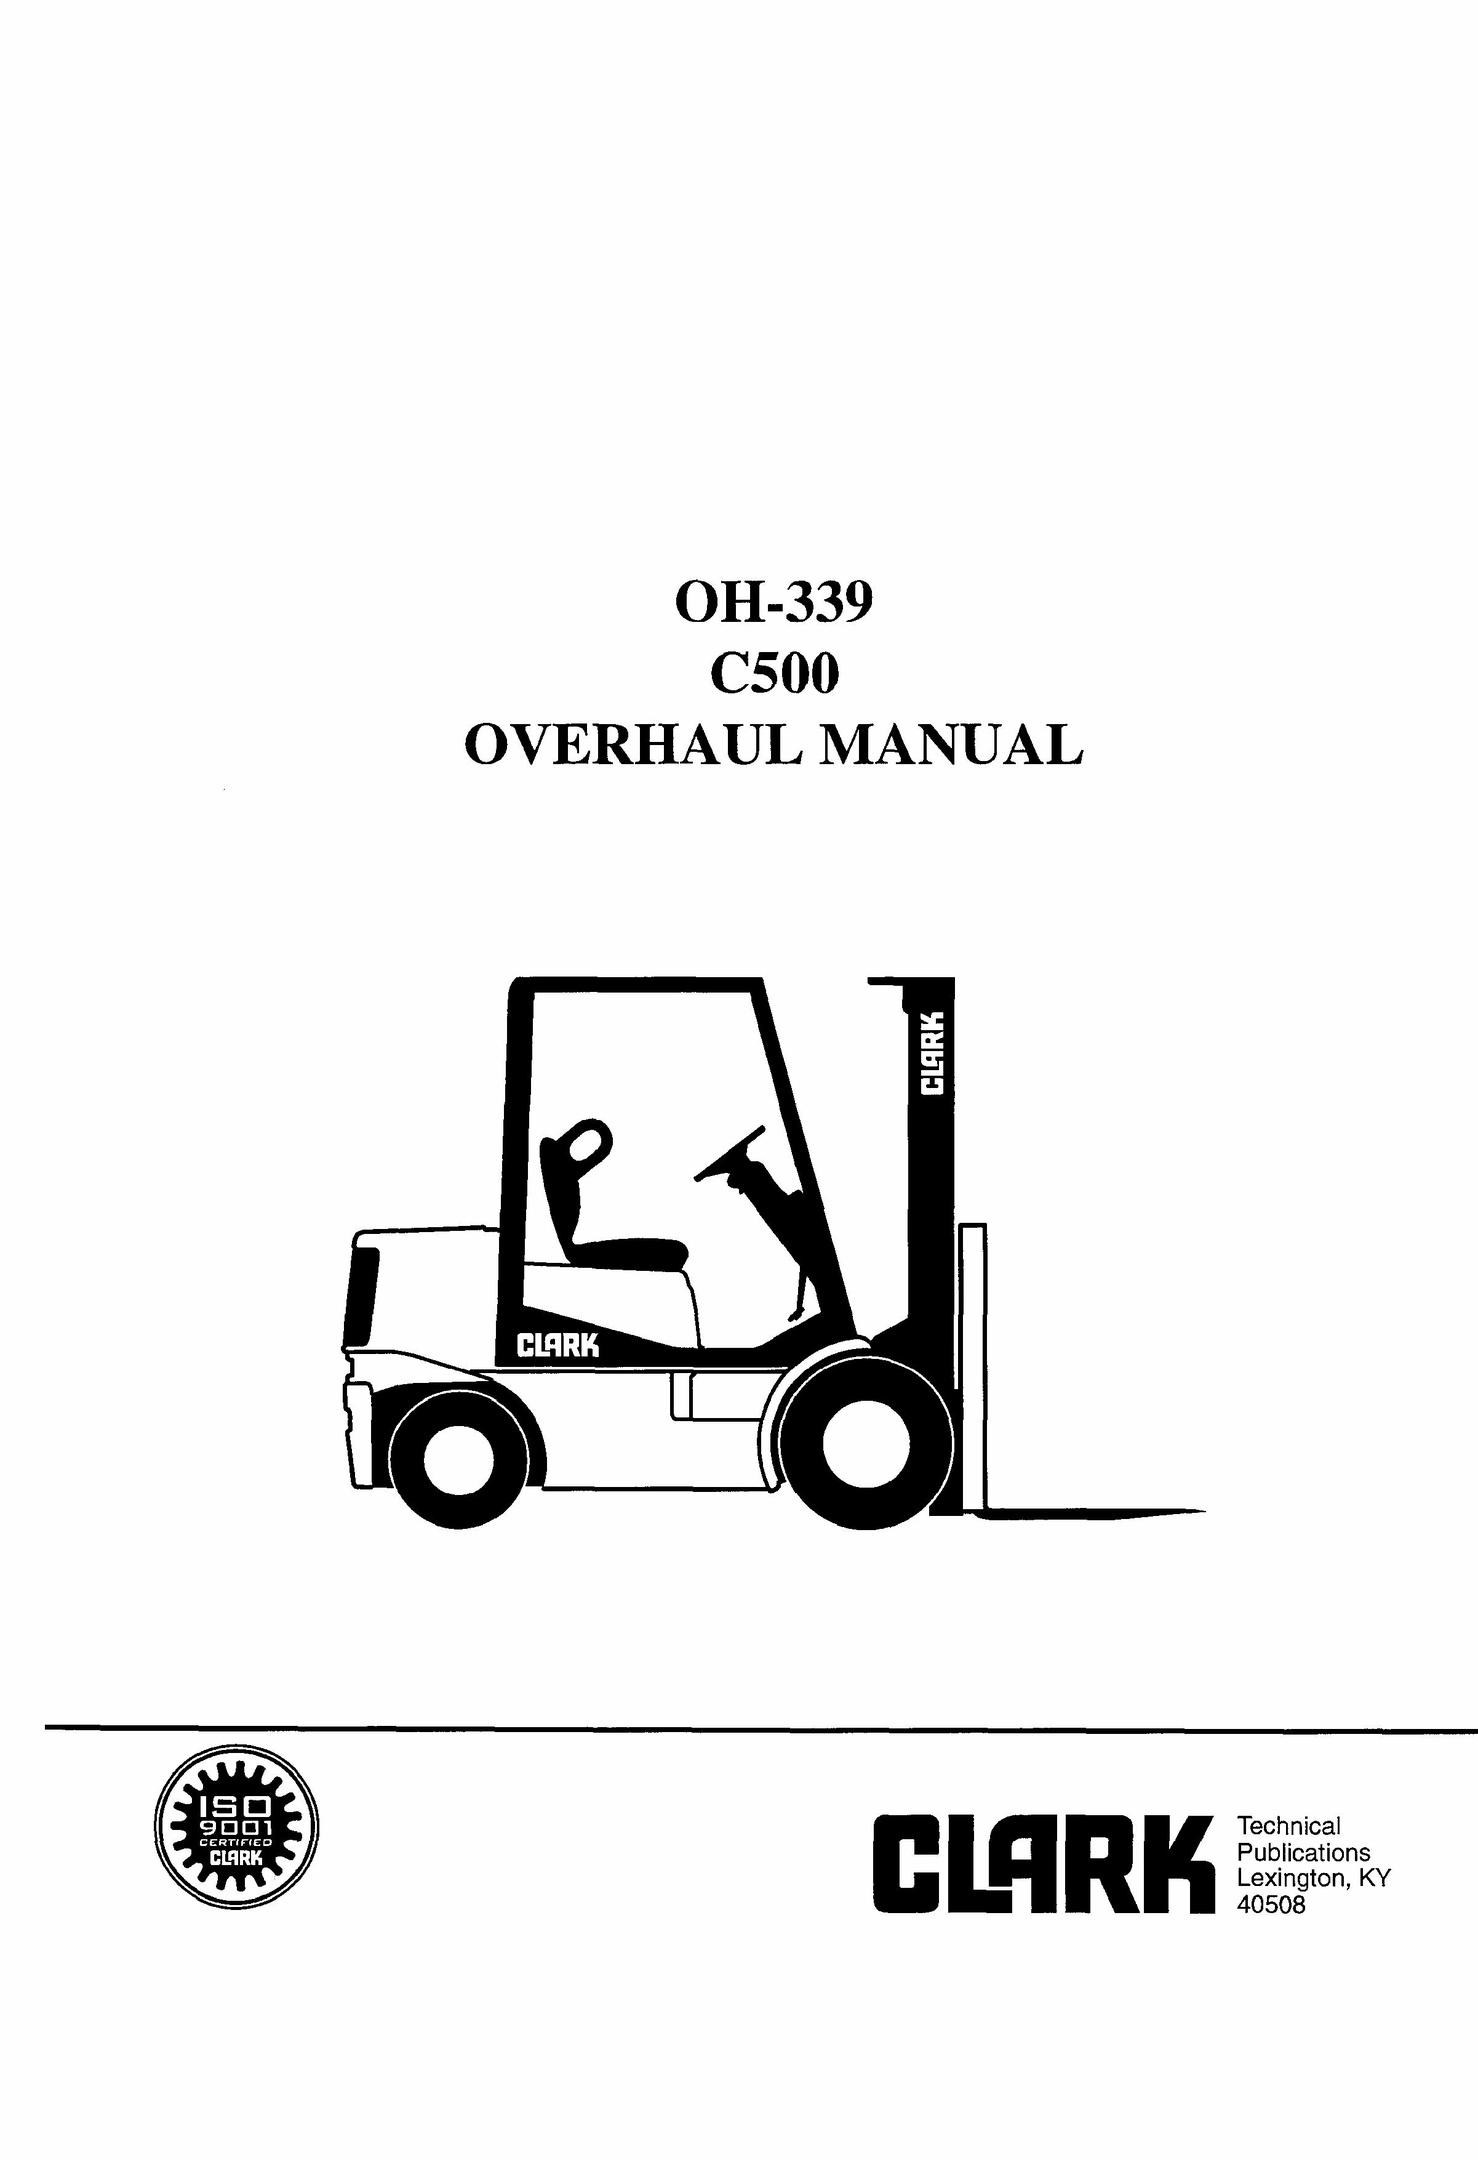 Hyster H50xm Wiring Diagram Automotive H80xl Forklift S50xm Library Rh 3 Skriptoase De 50 Parts Palfinger Diagrams